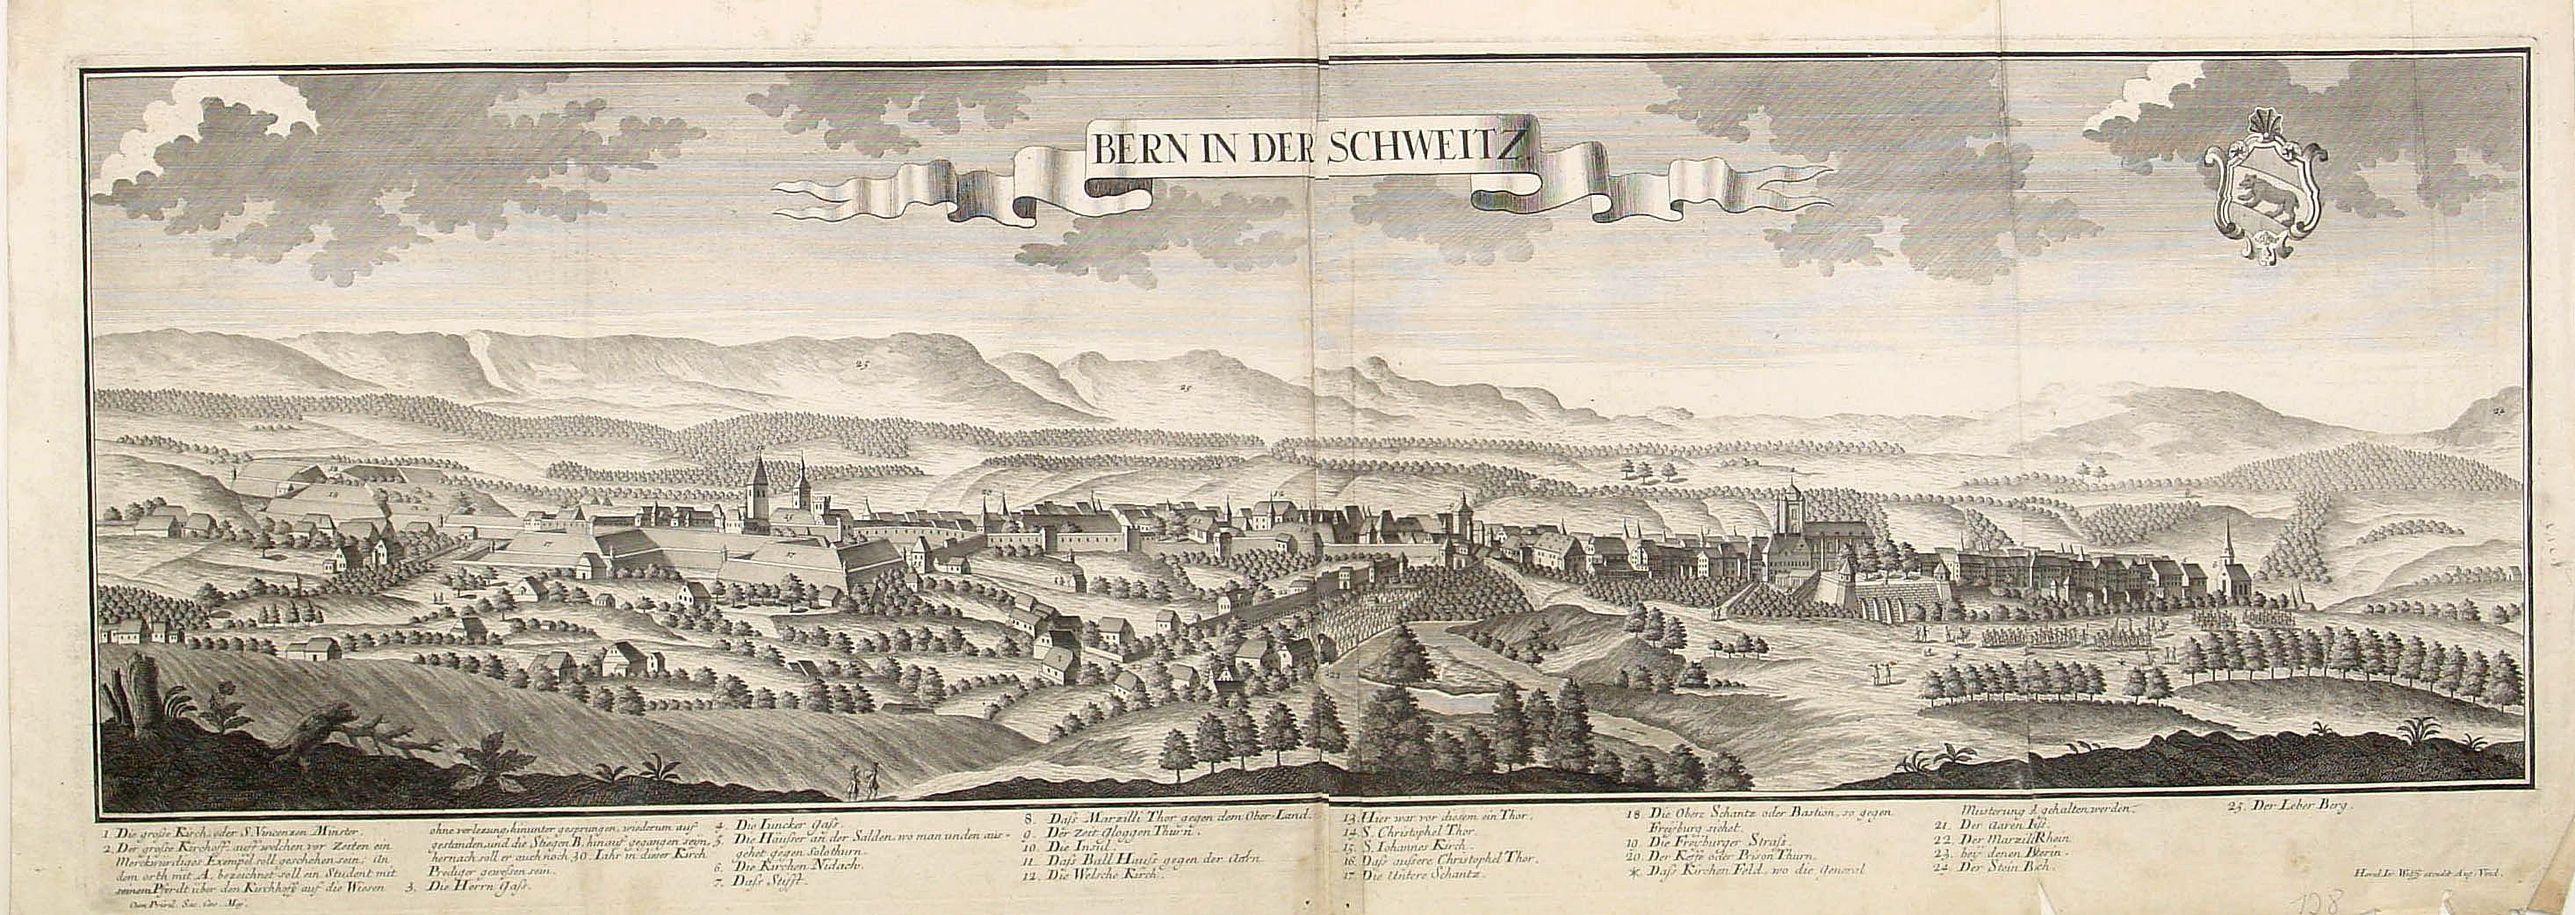 WOLFF HEIRS, J. -  Bern in der Schweitz.